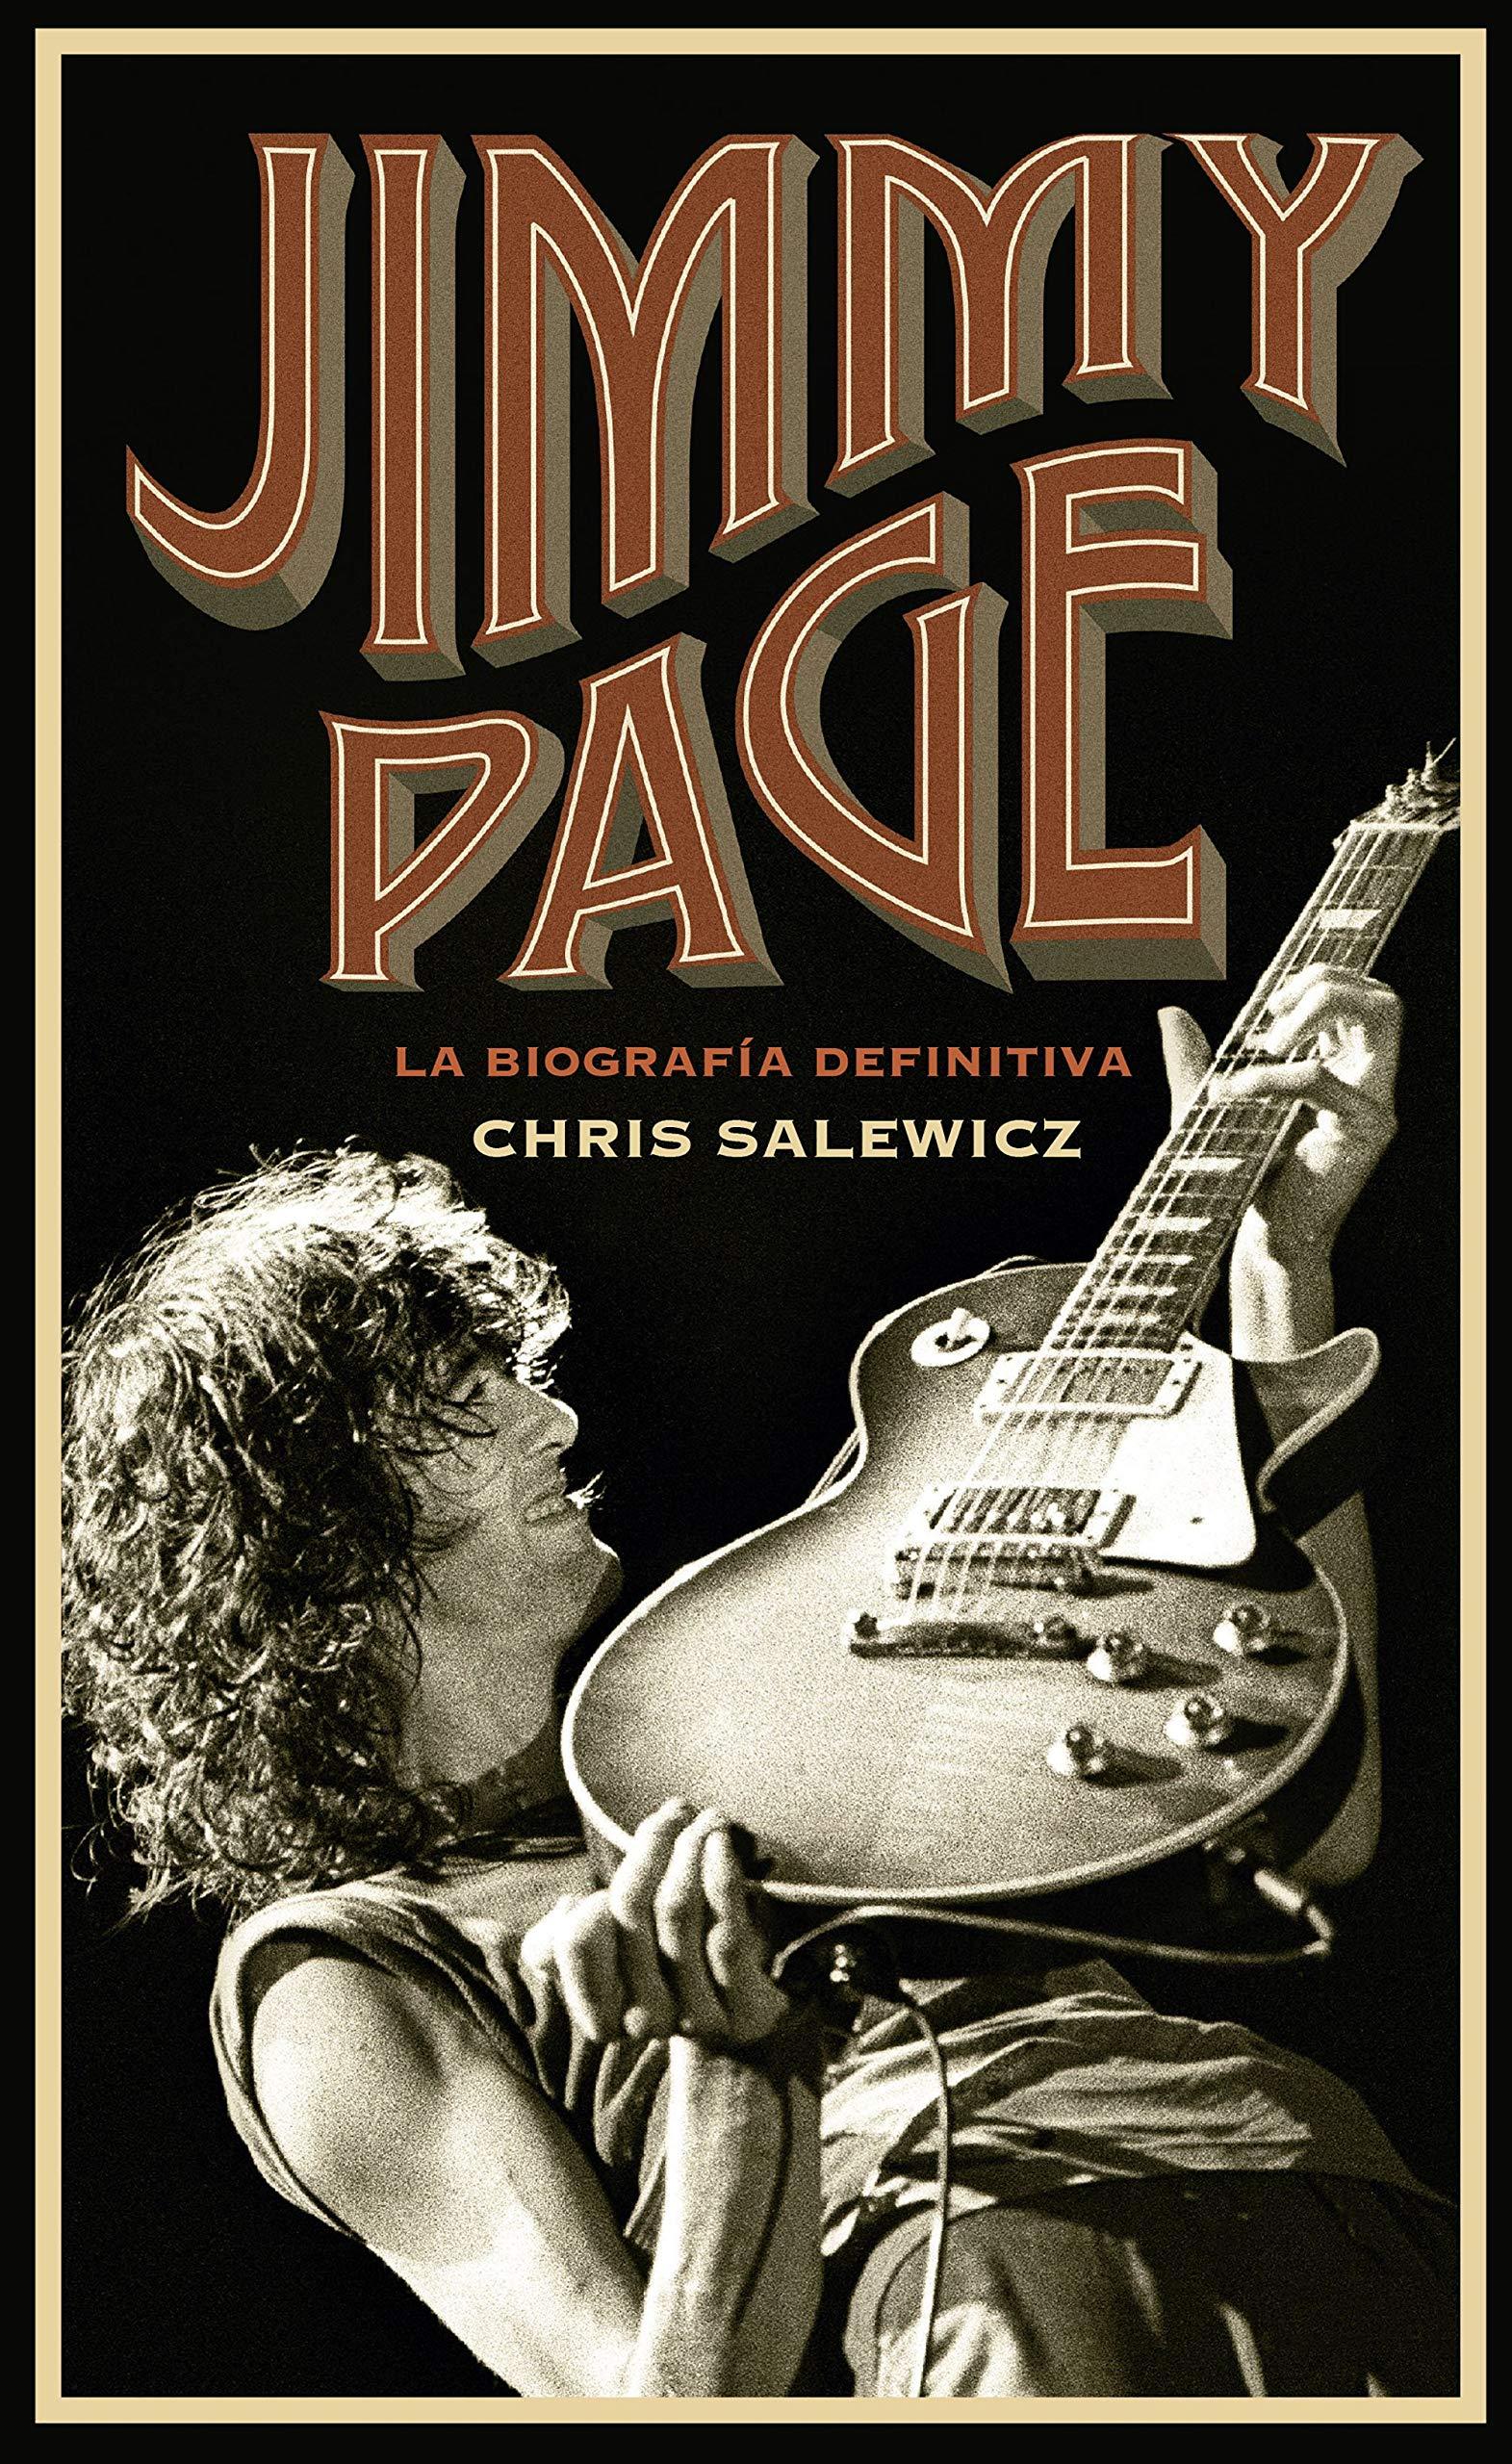 Libros de Rock - Página 16 915EumNJY7L